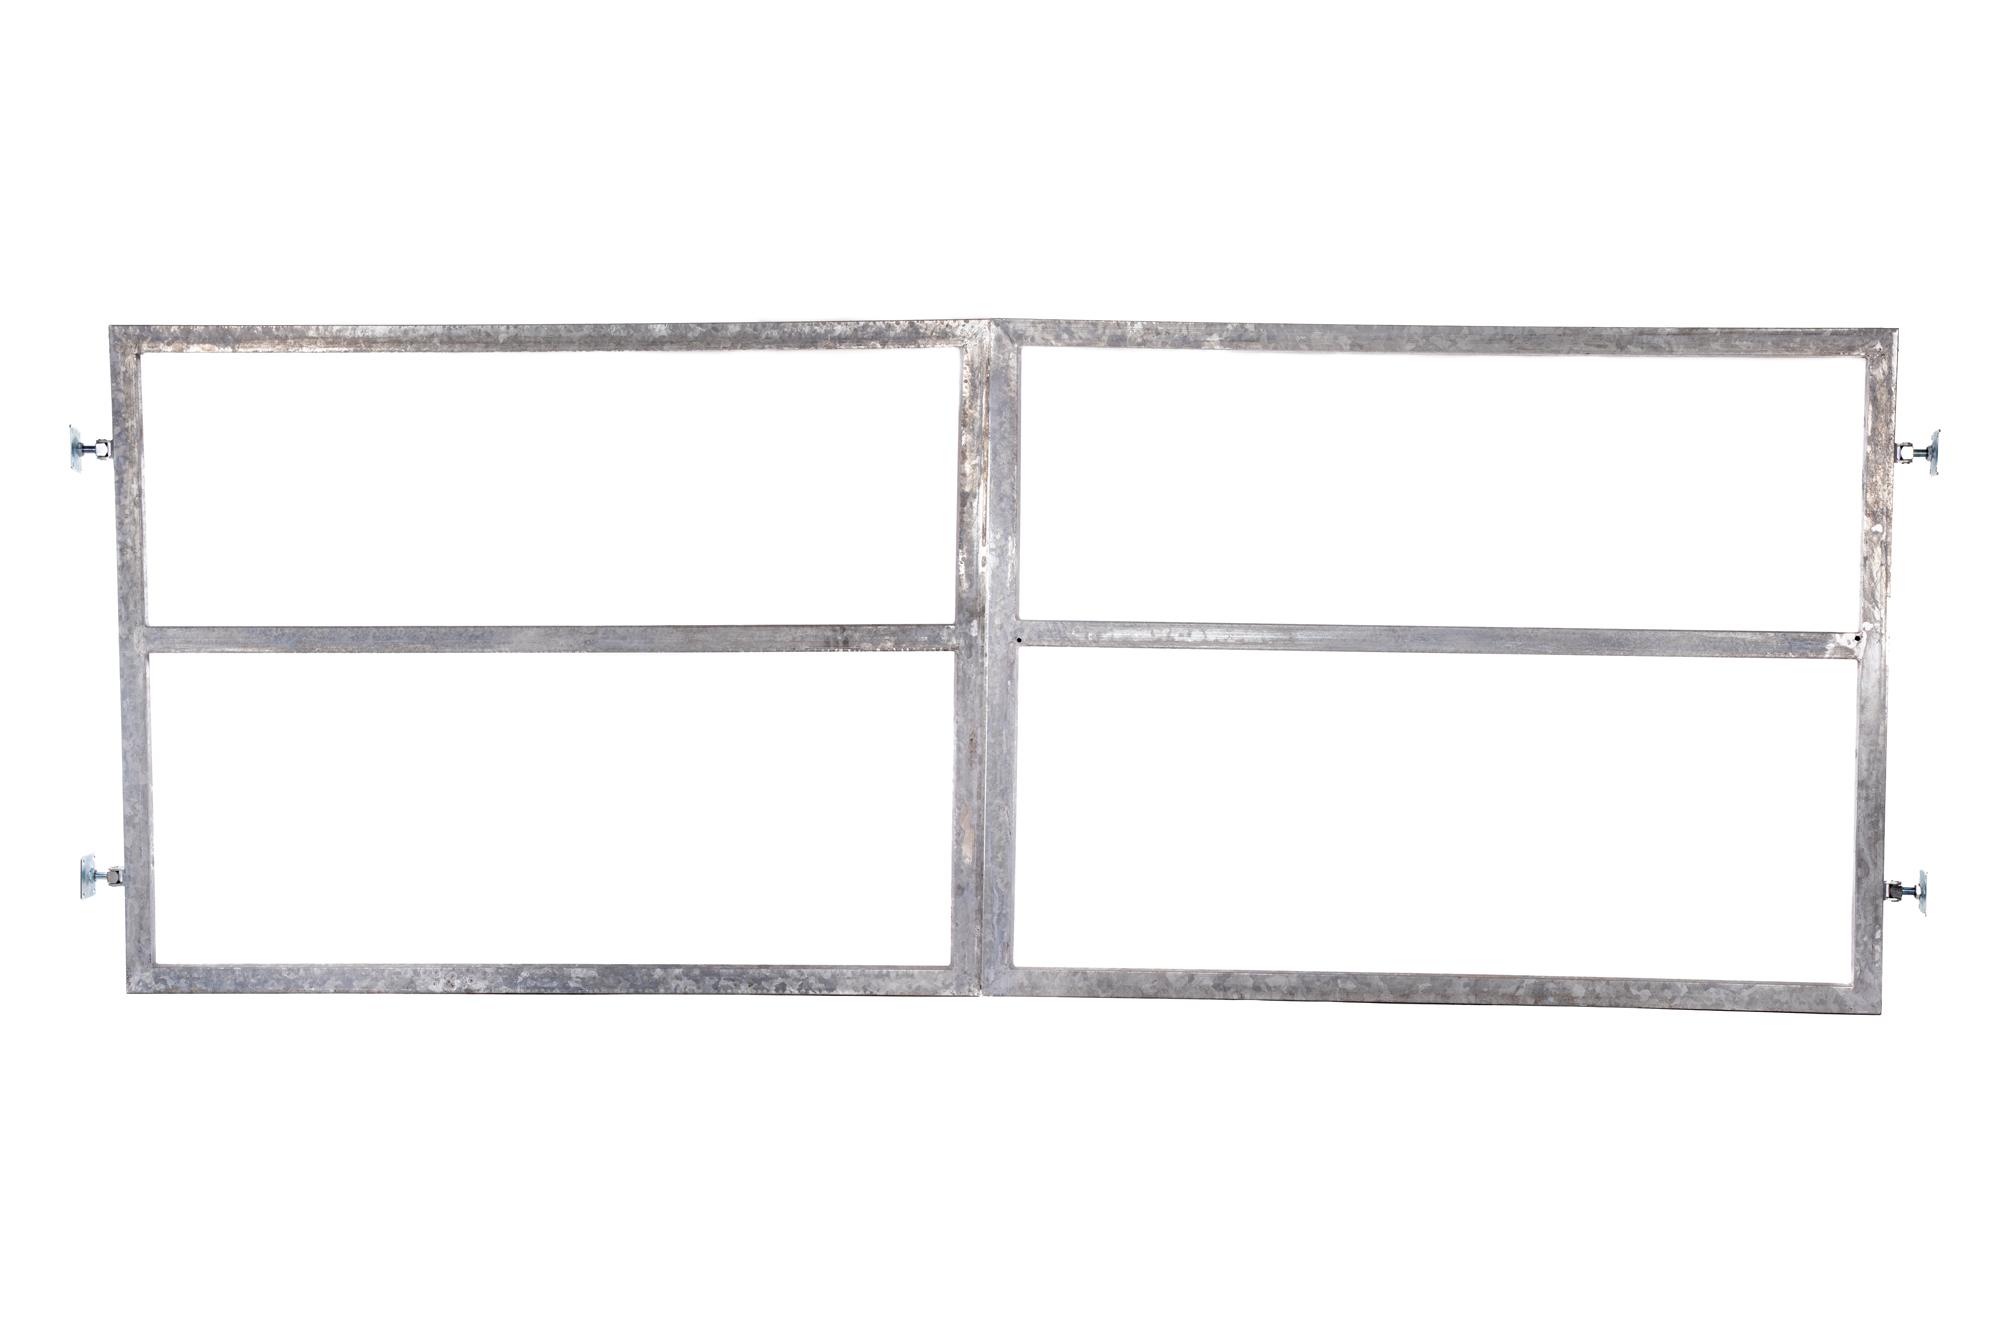 Rám brány pro vlastní výplň Délka v mm: 1800 mm, s příčníkem